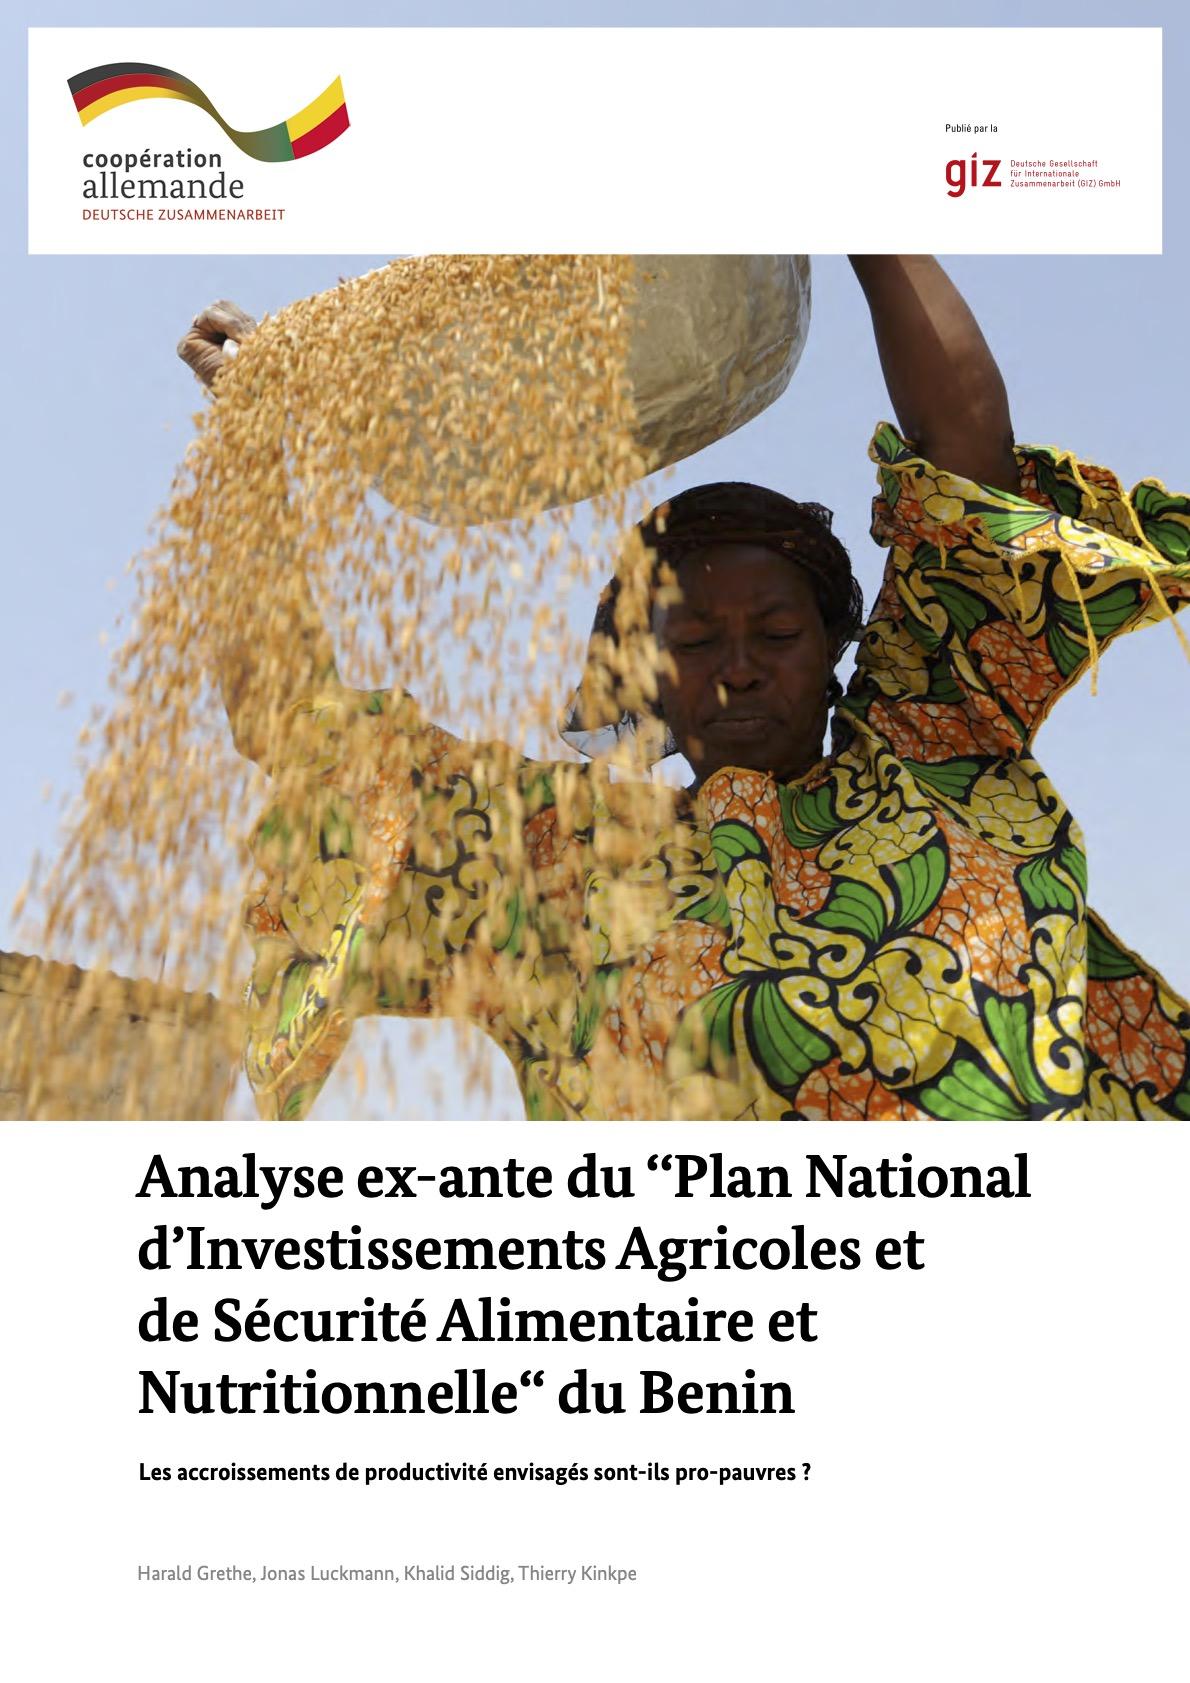 Analyse ex-ante NIP Benin